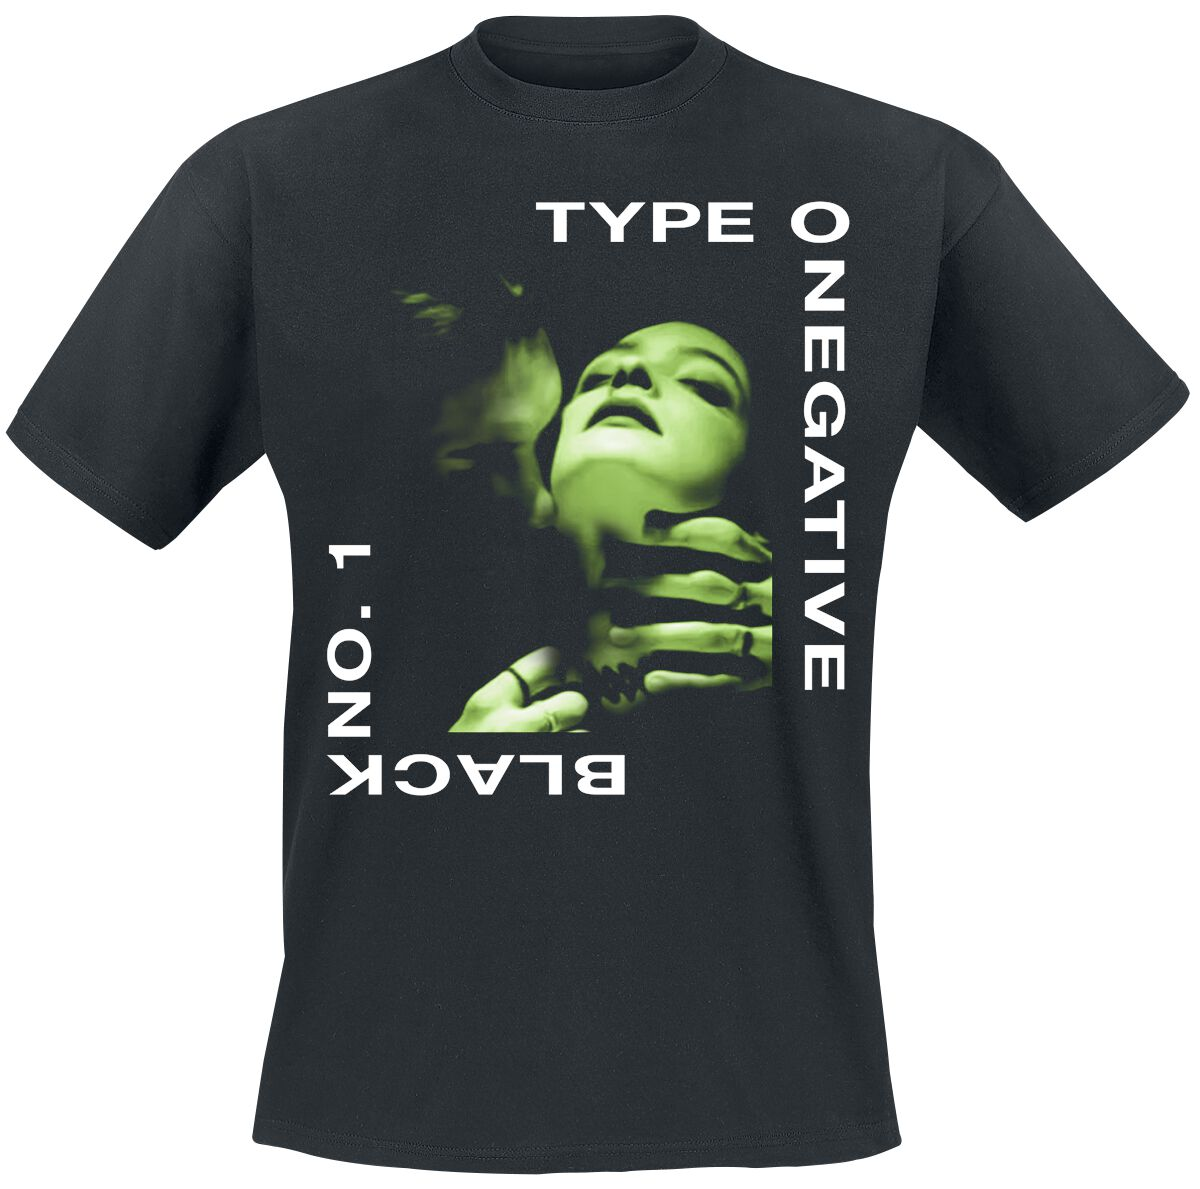 Zespoły - Koszulki - T-Shirt Type O Negative Black No. 1 T-Shirt czarny - 363534